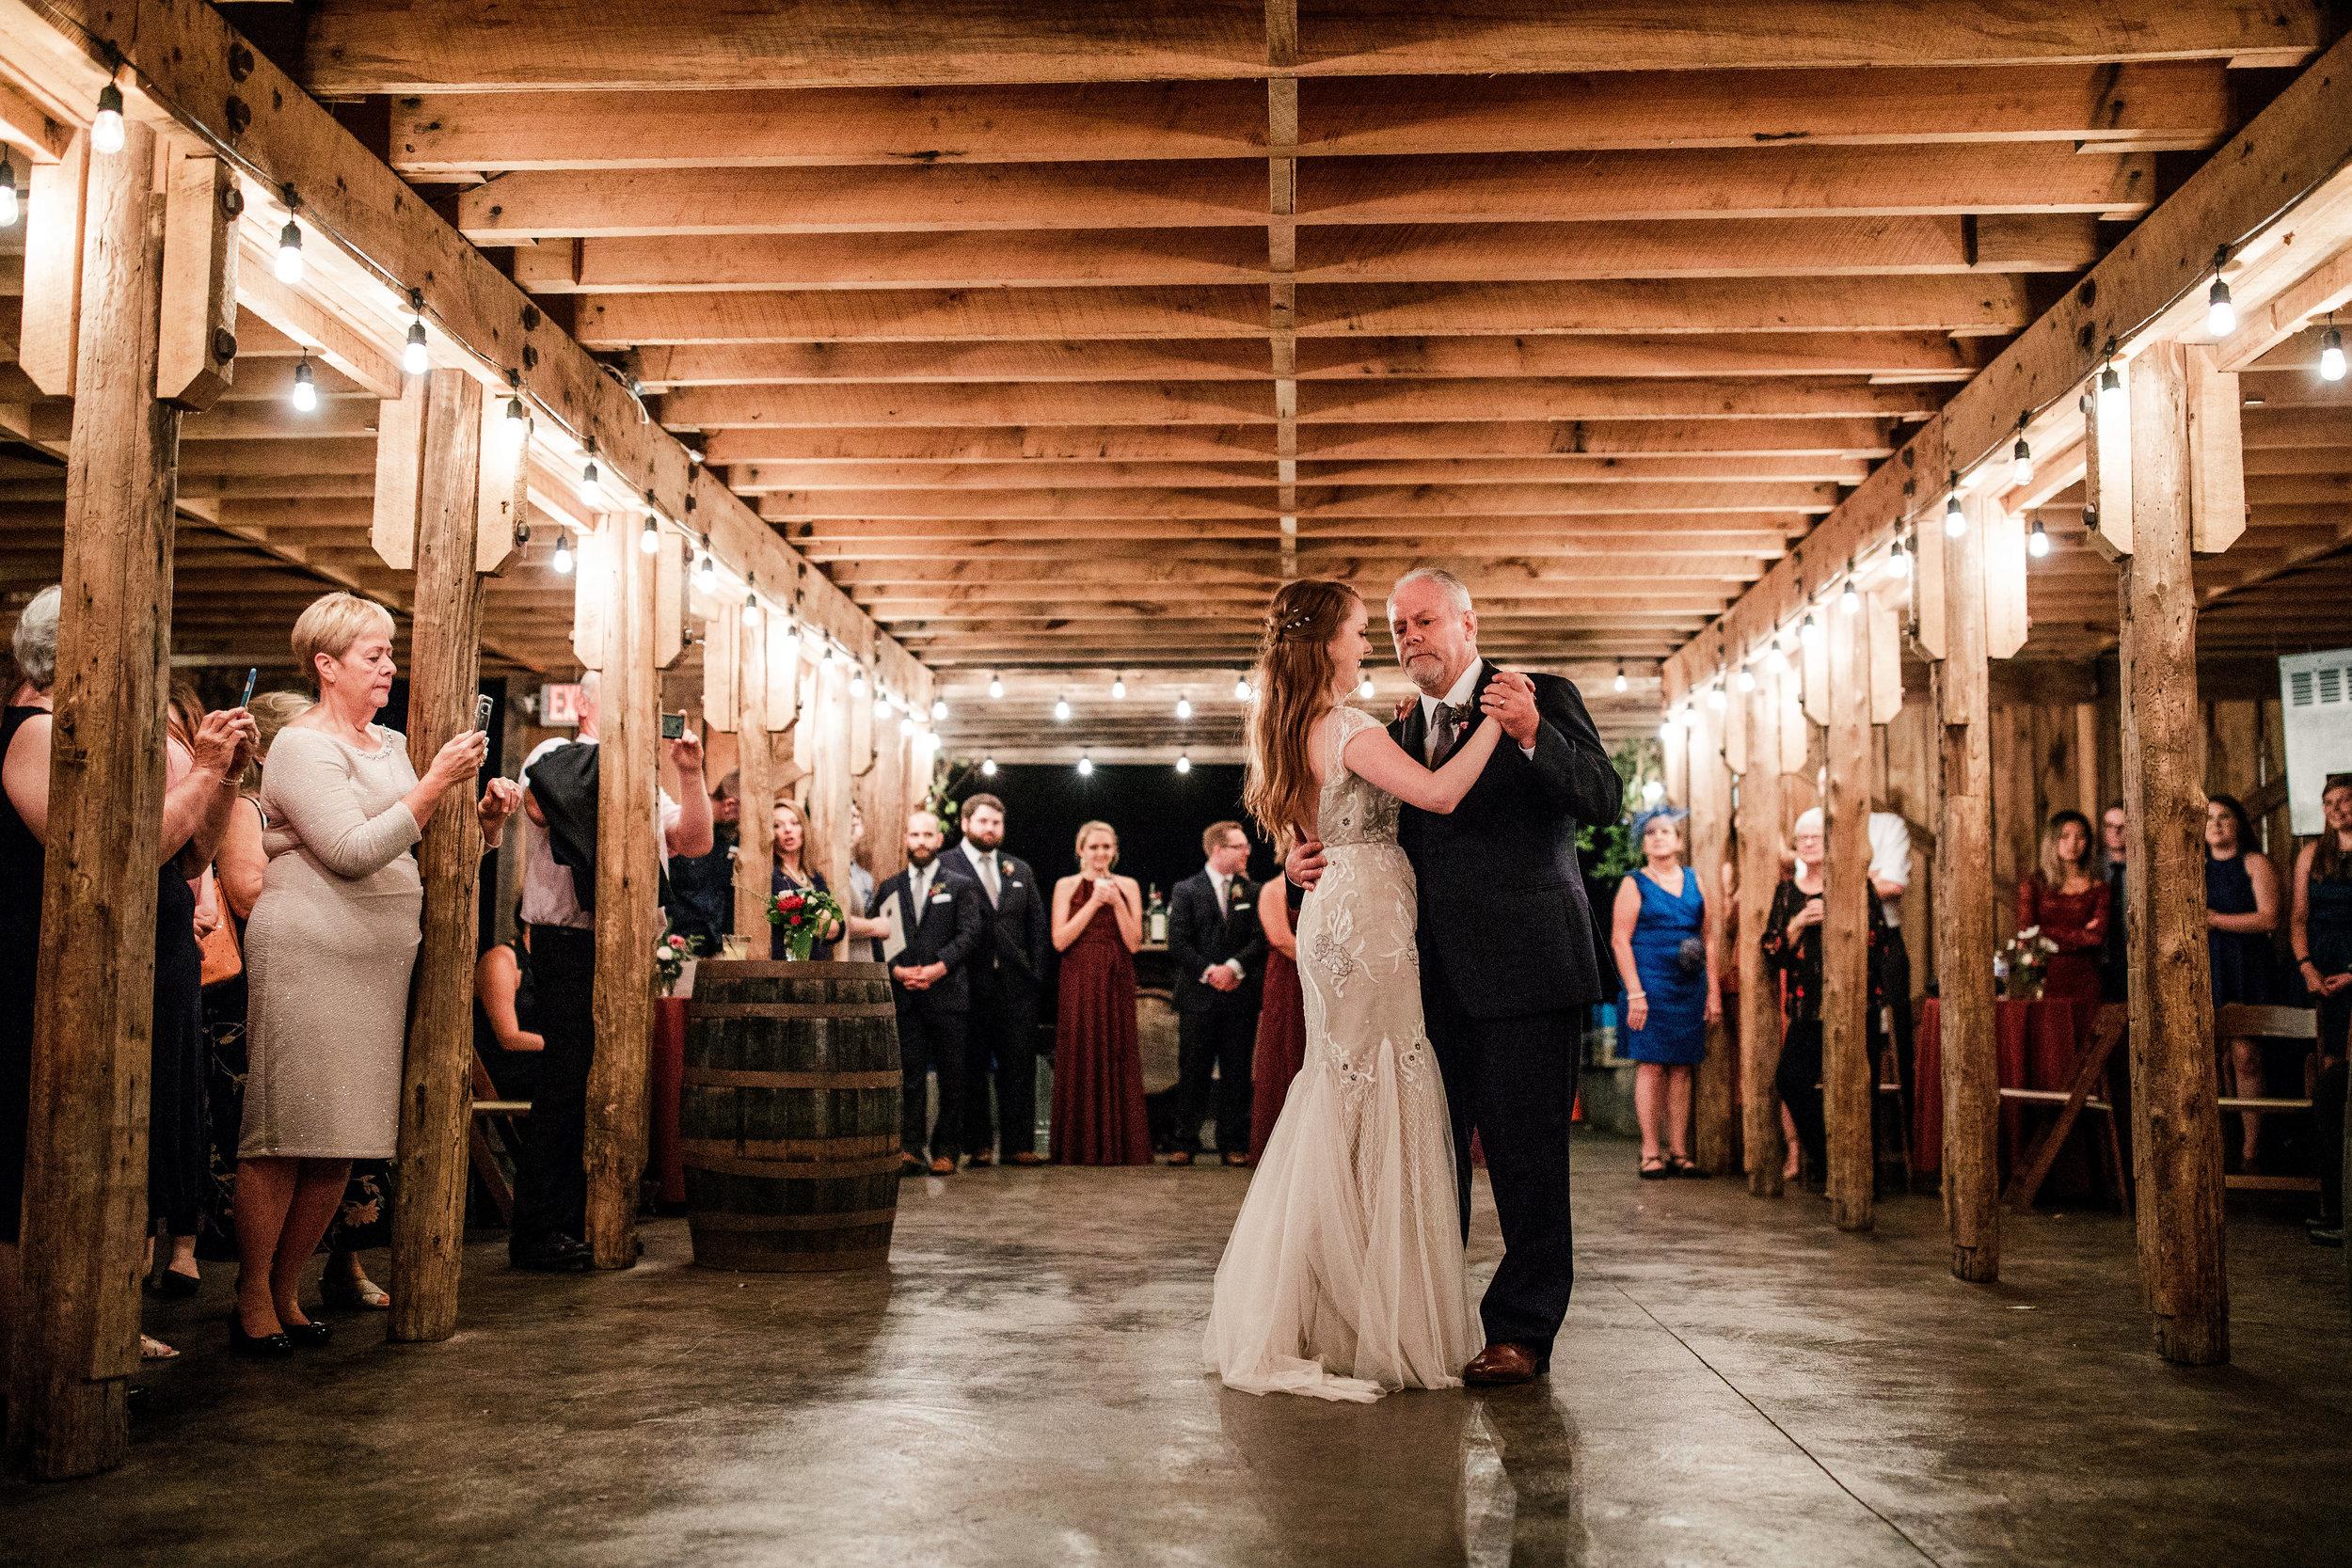 Wrens-Nest-Wedding-Murfreesboro-TN 50.jpg